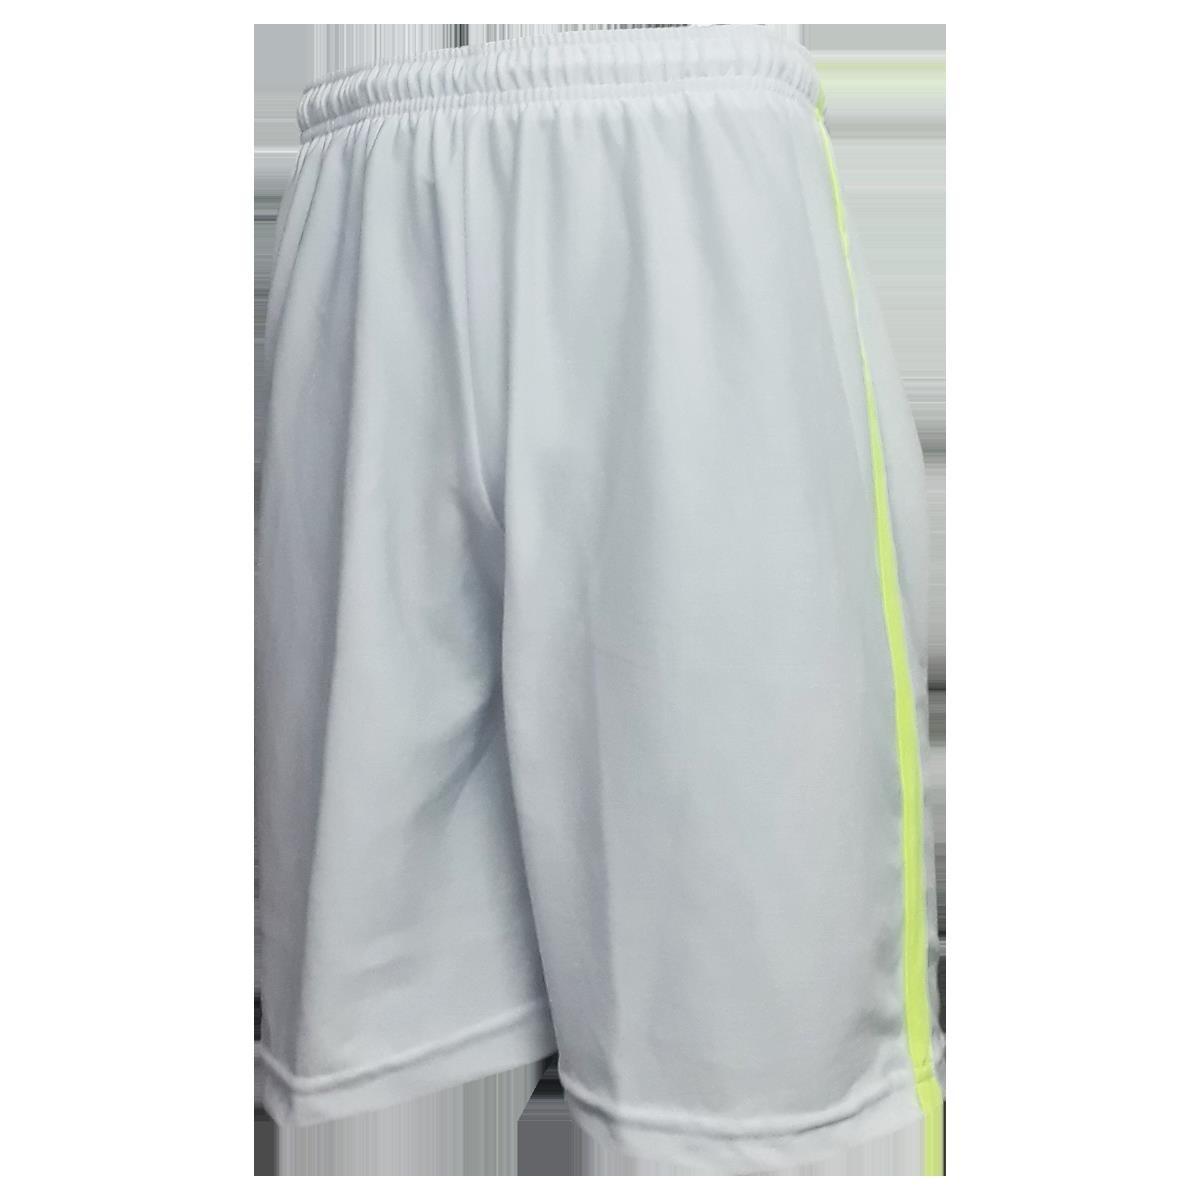 Carregando zoom... futebol esporte short. Carregando zoom... kit10 calção  short masculino colegial futebol esporte futsal bed13f237f3bc